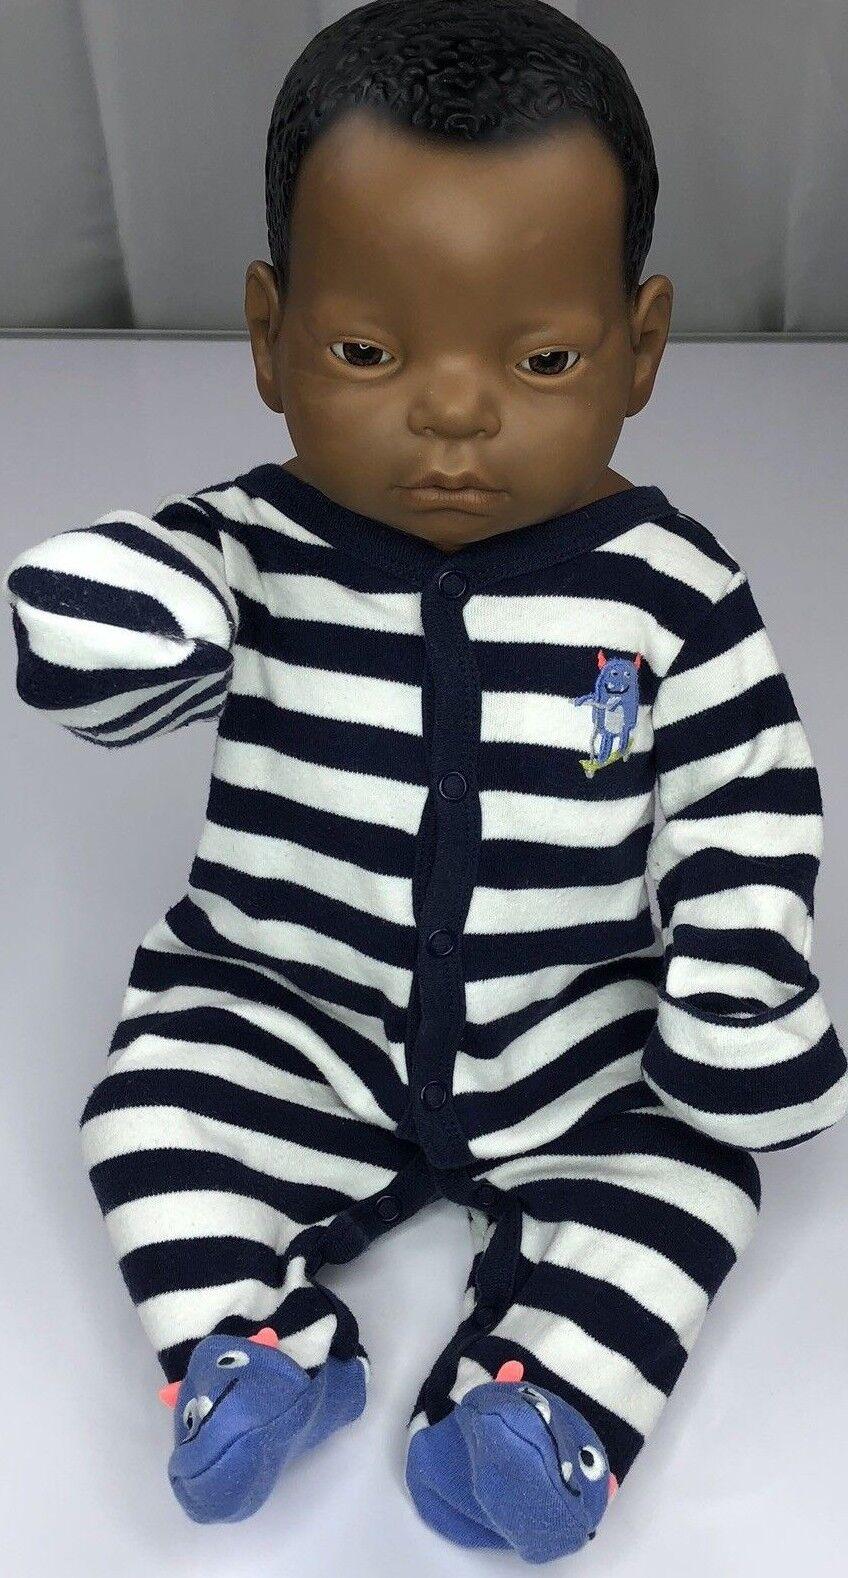 Realityworks realcare Baby II 2 Plus Bebé creo que sólo a través de bebé